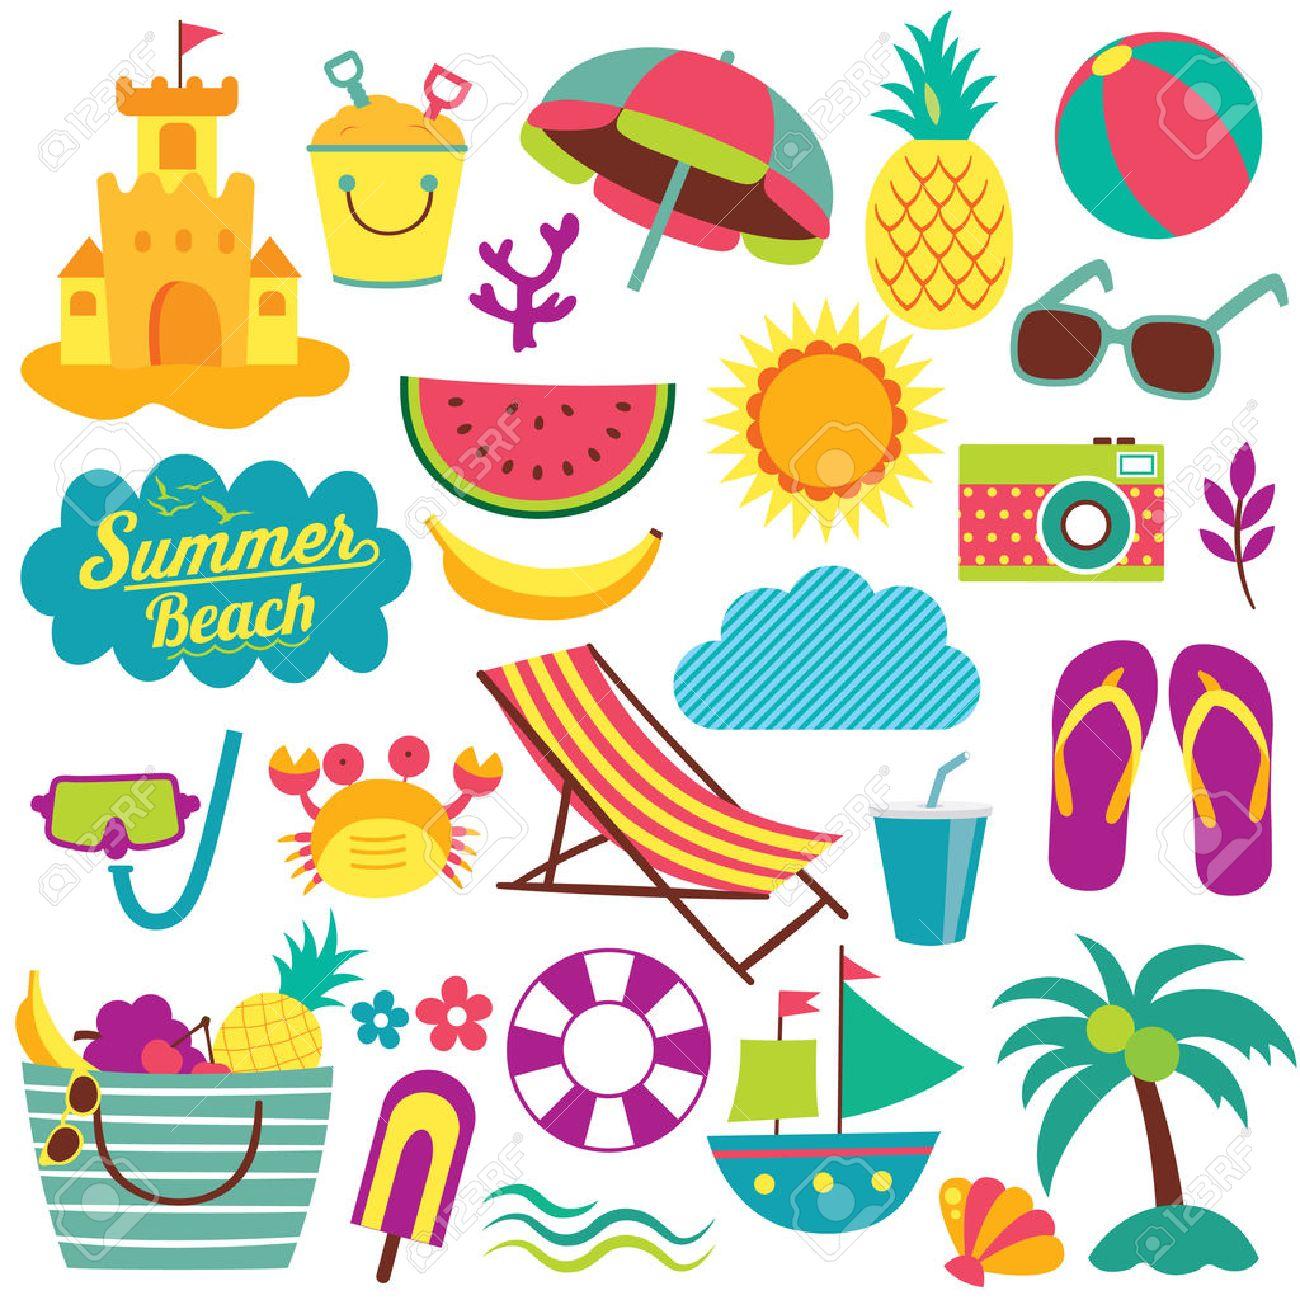 夏の日の要素のクリップ アート セットのイラスト素材ベクタ Image